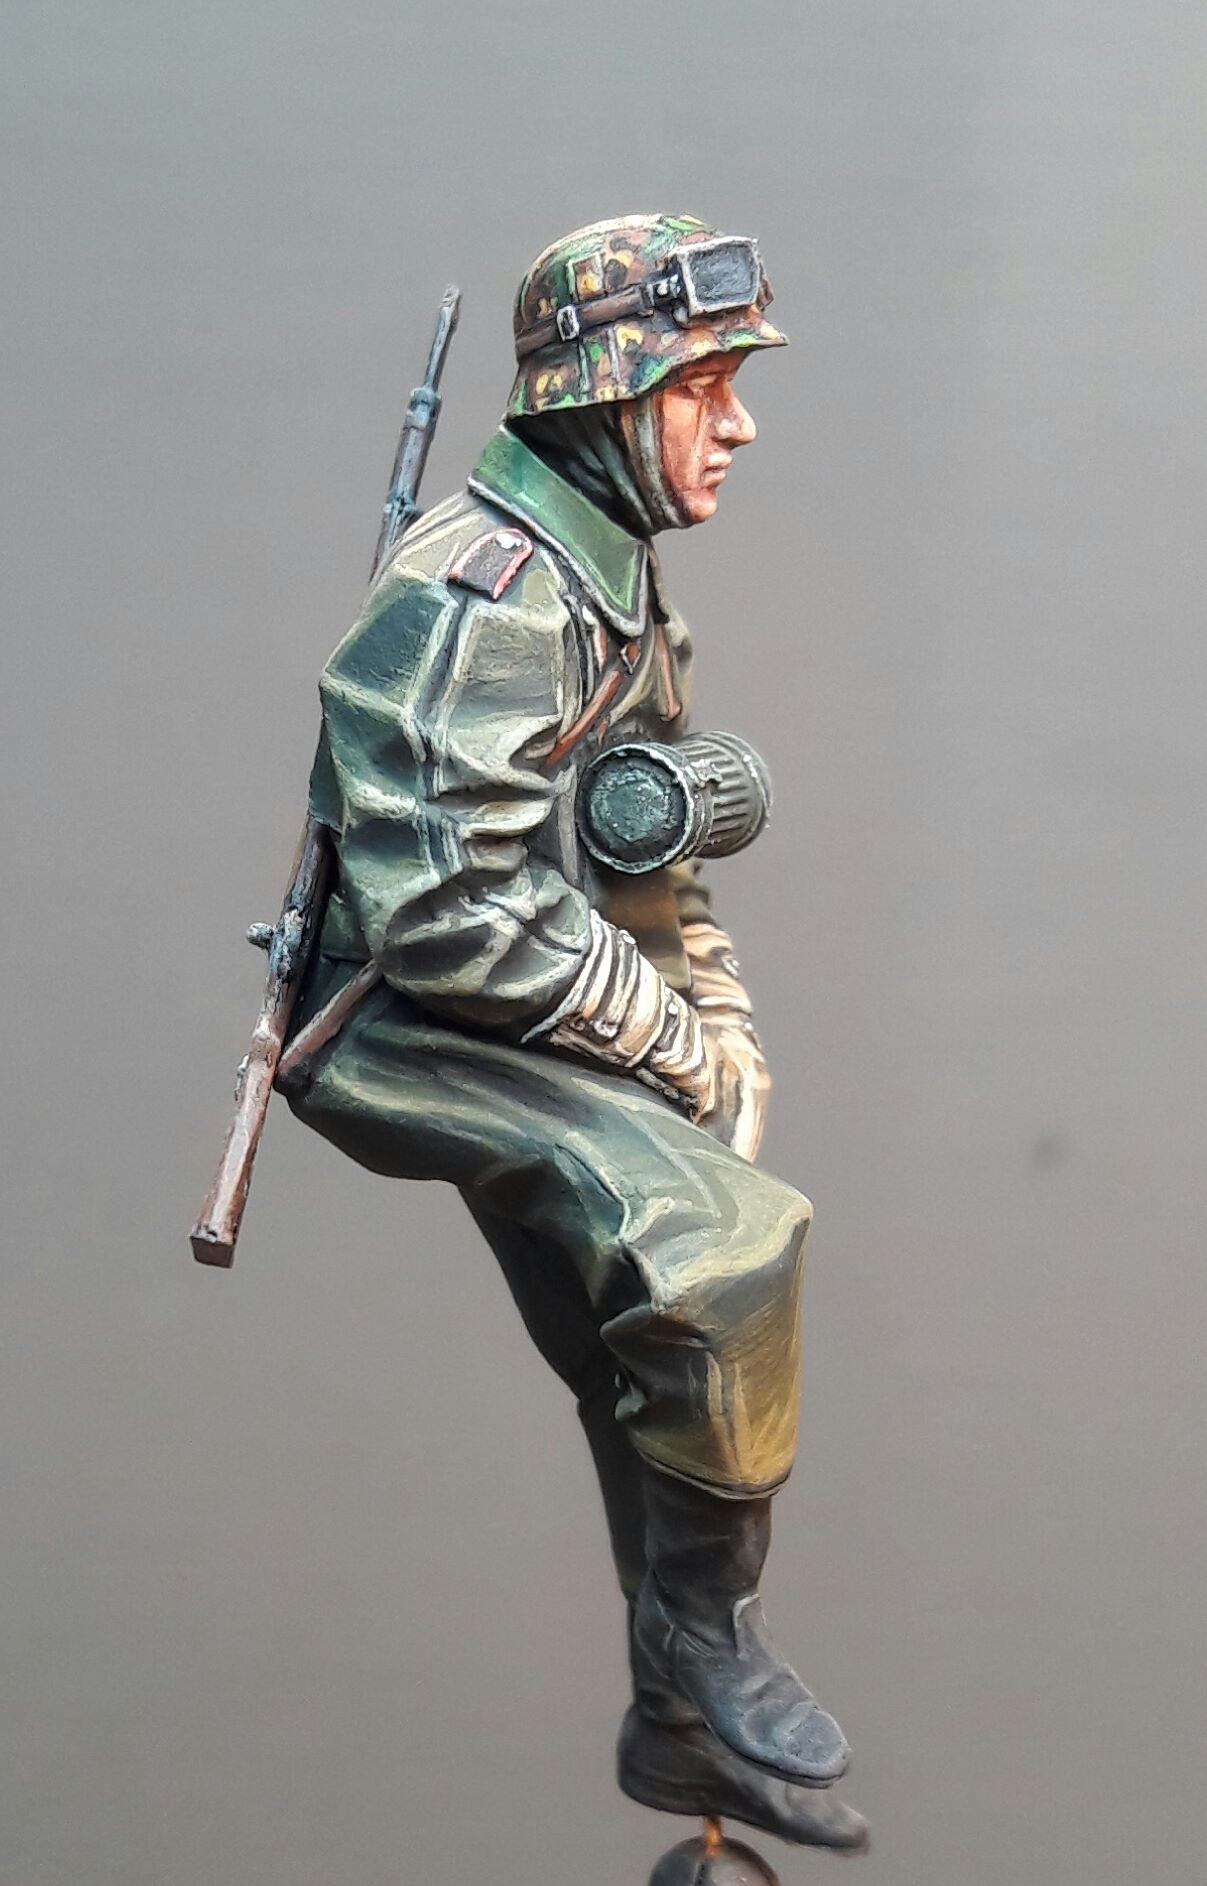 Zündapp KS750 - Sidecar - Great Wall Hobby + figurines Alpine - 1/35 99398619686565102116827705193251621985093o